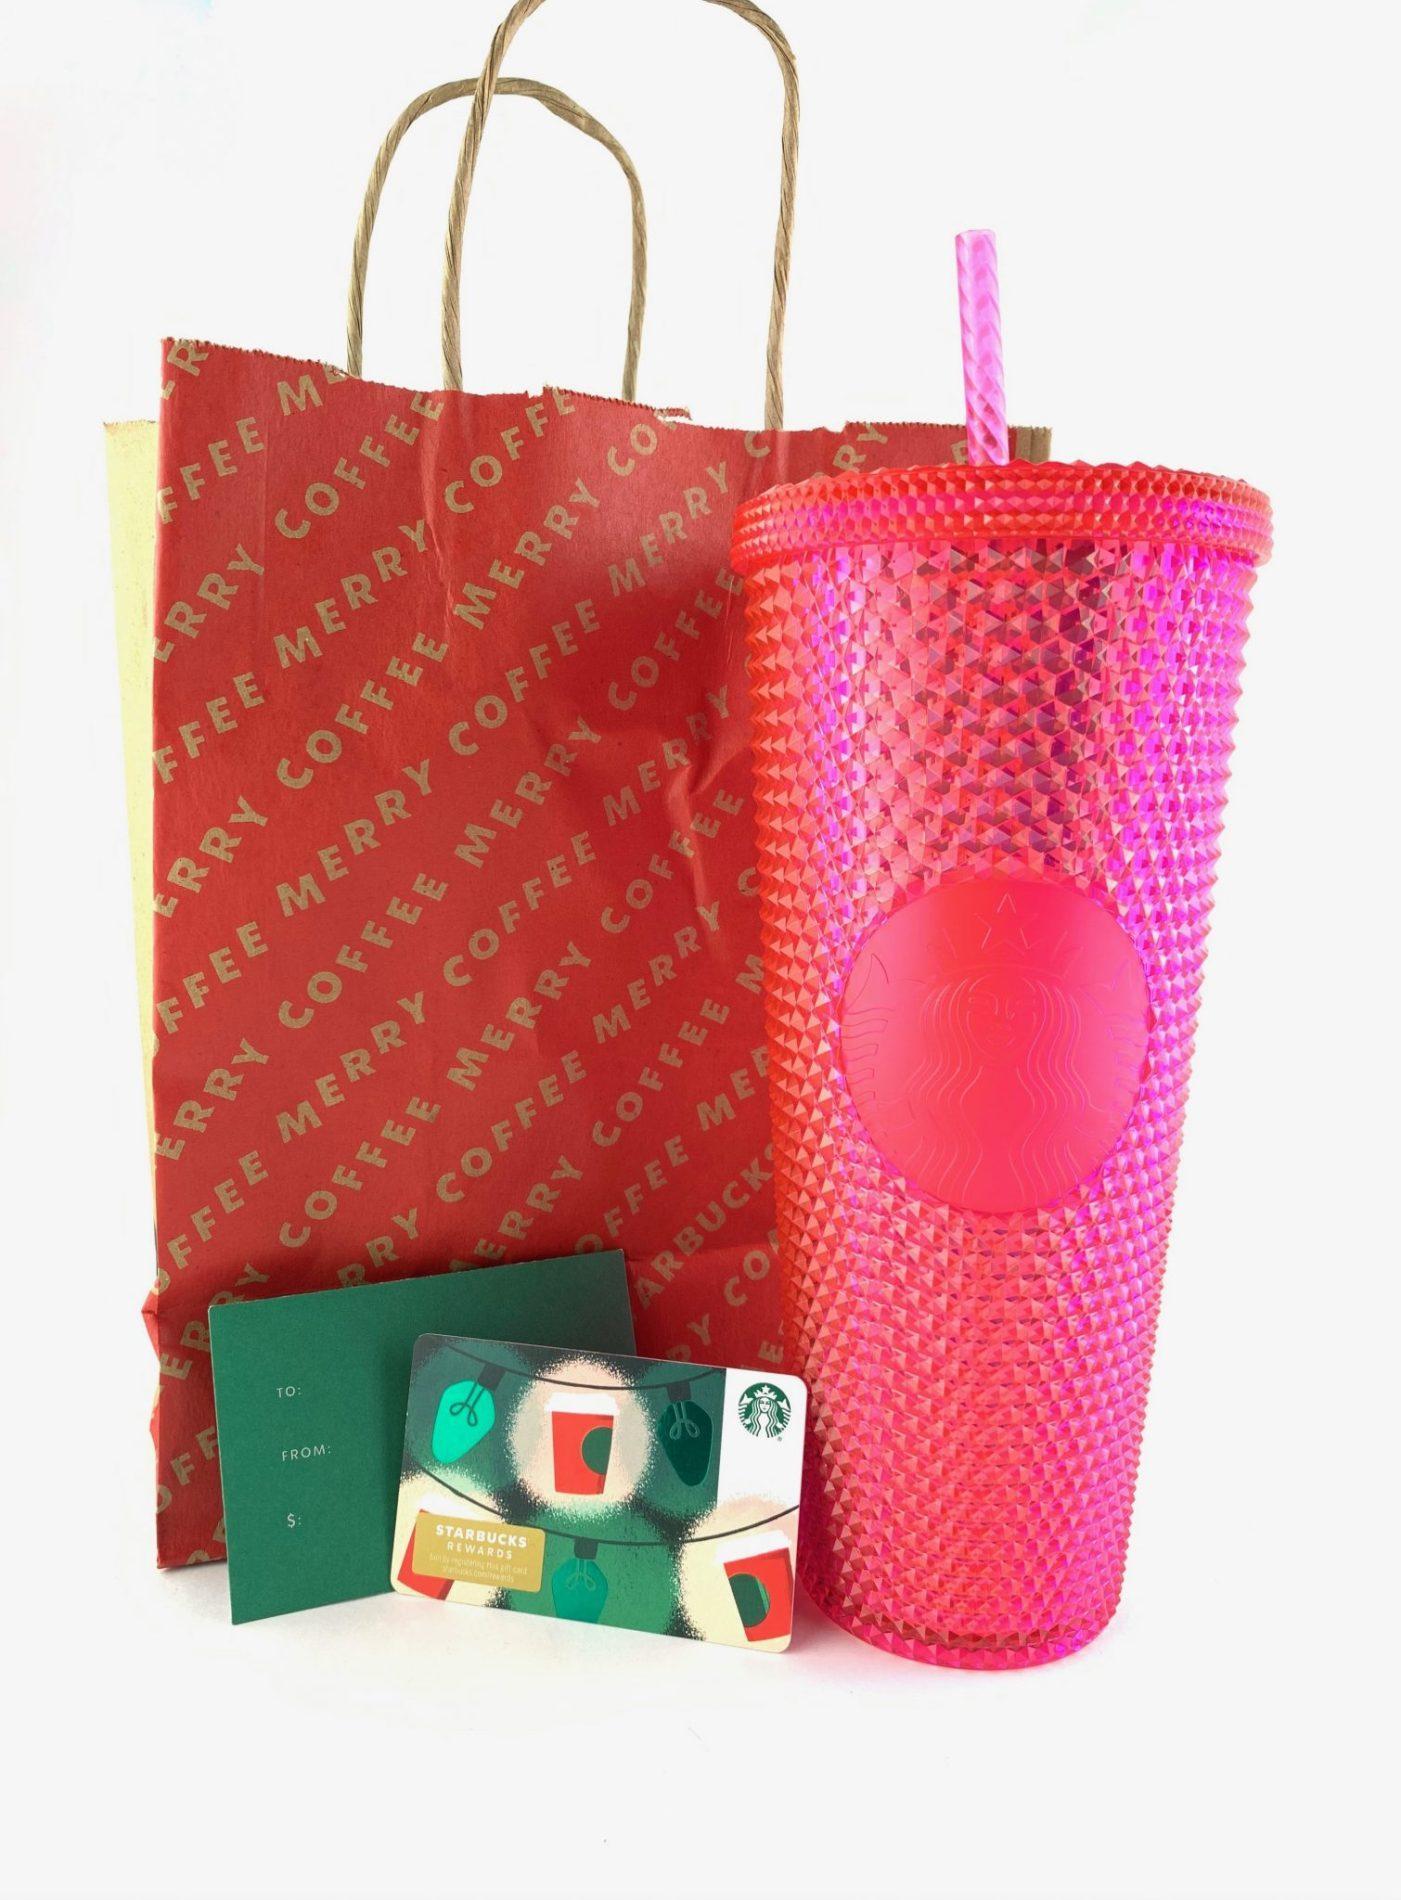 Subscription Box Ramblings Starbucks Holiday Giveaway!